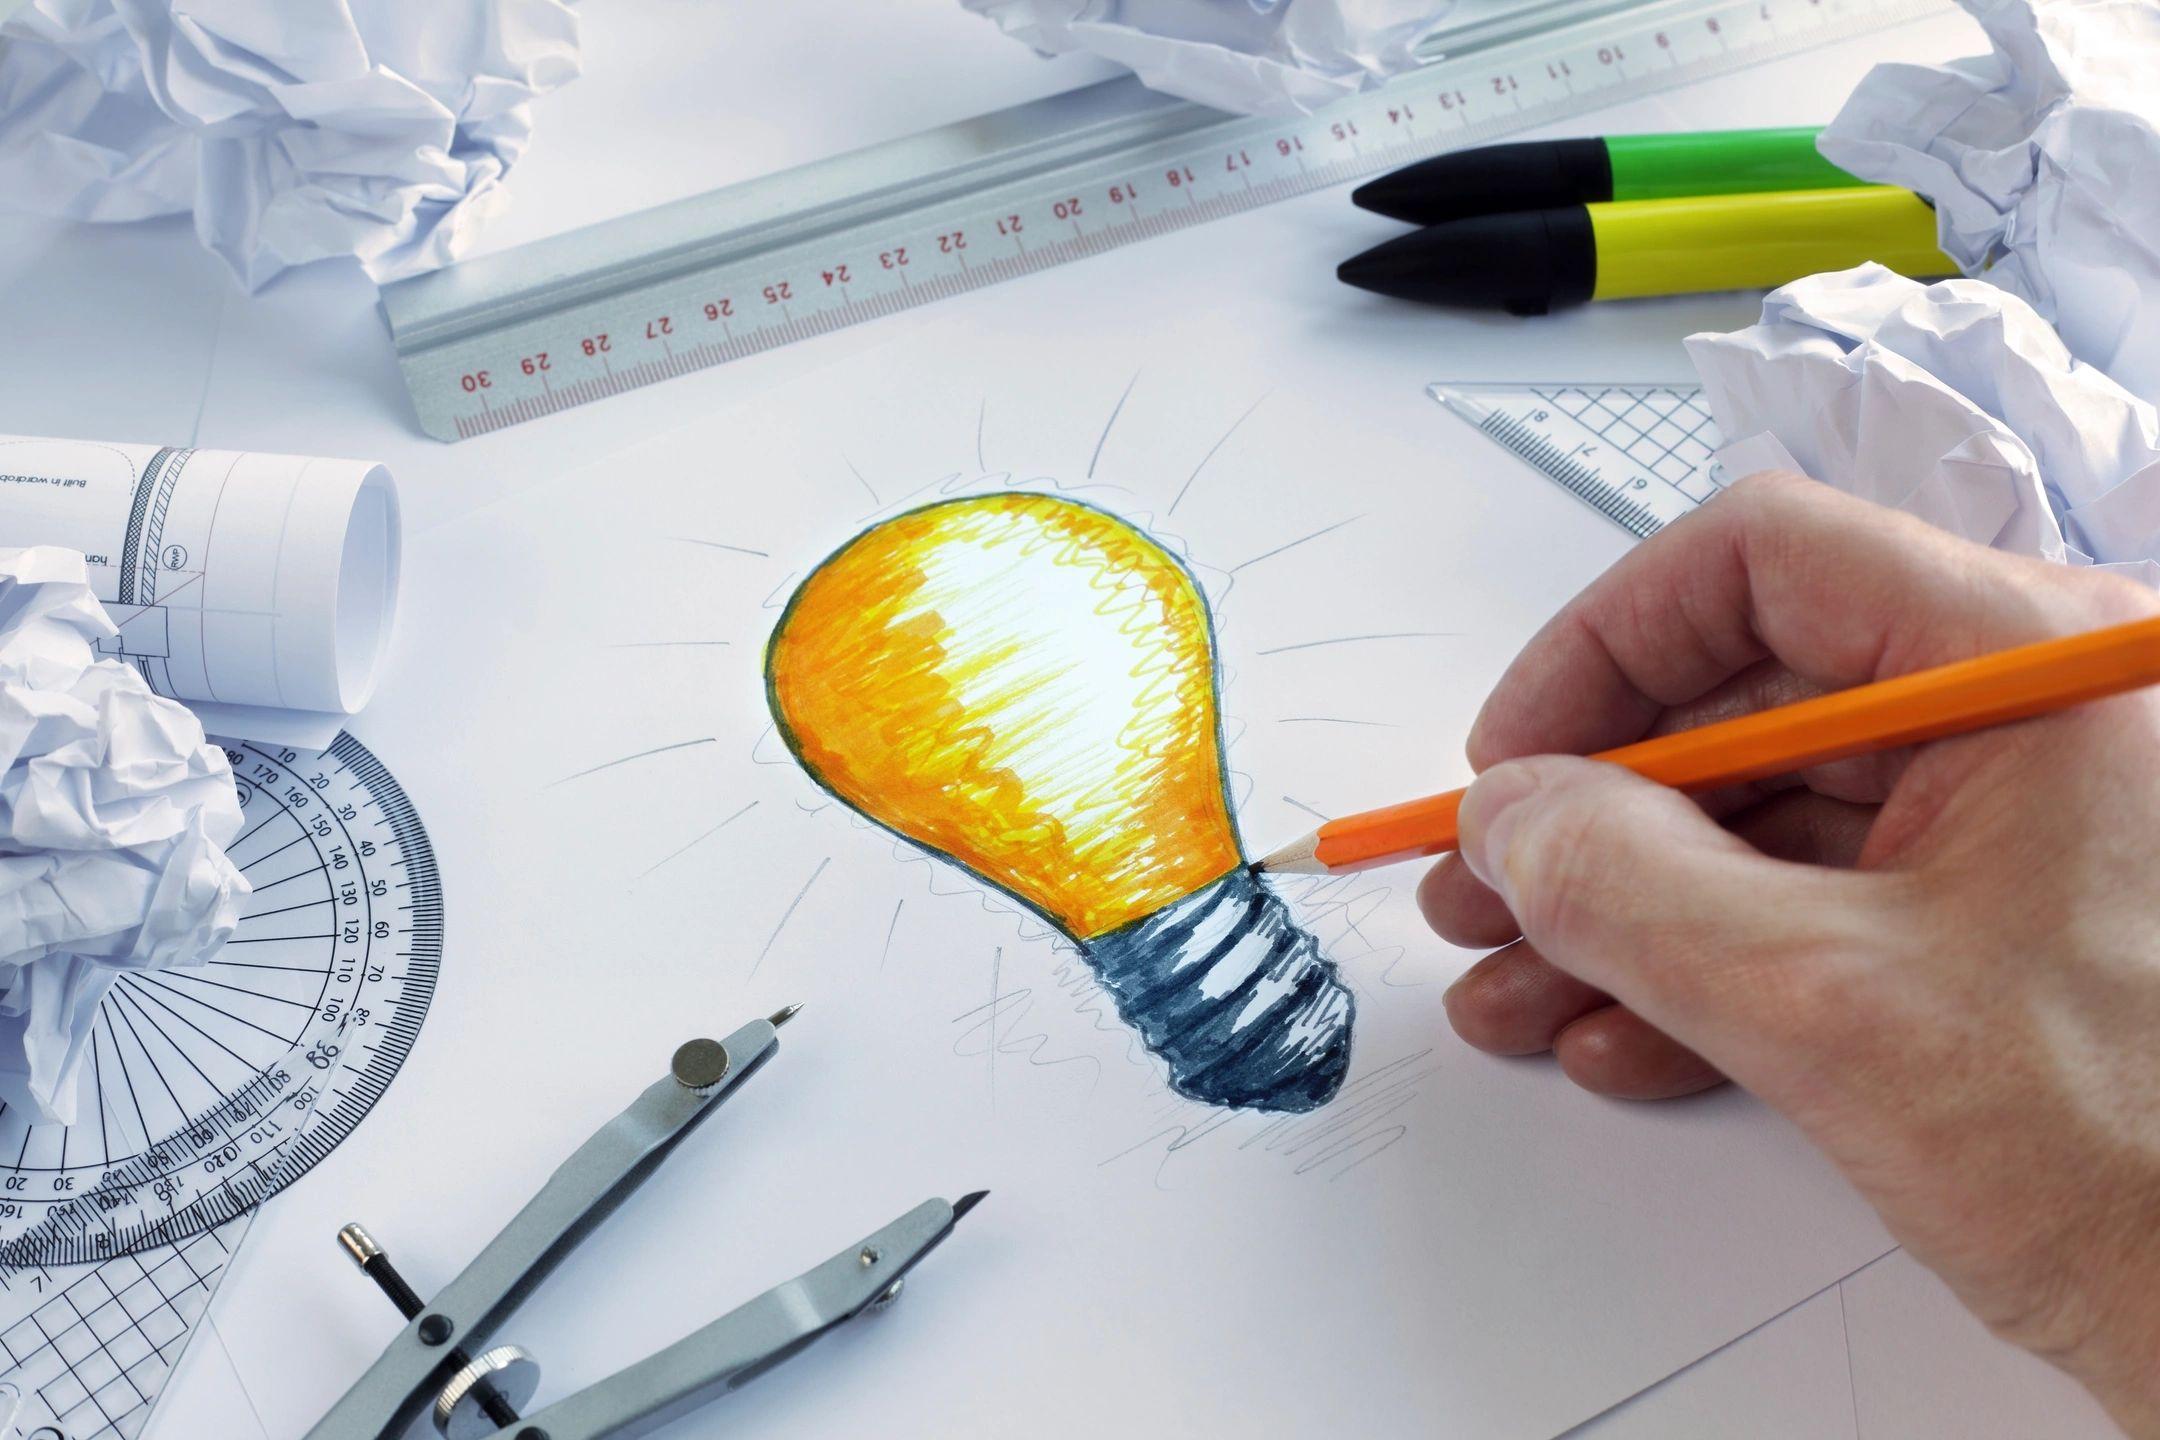 Mão desenhando uma lâmpada iluminada